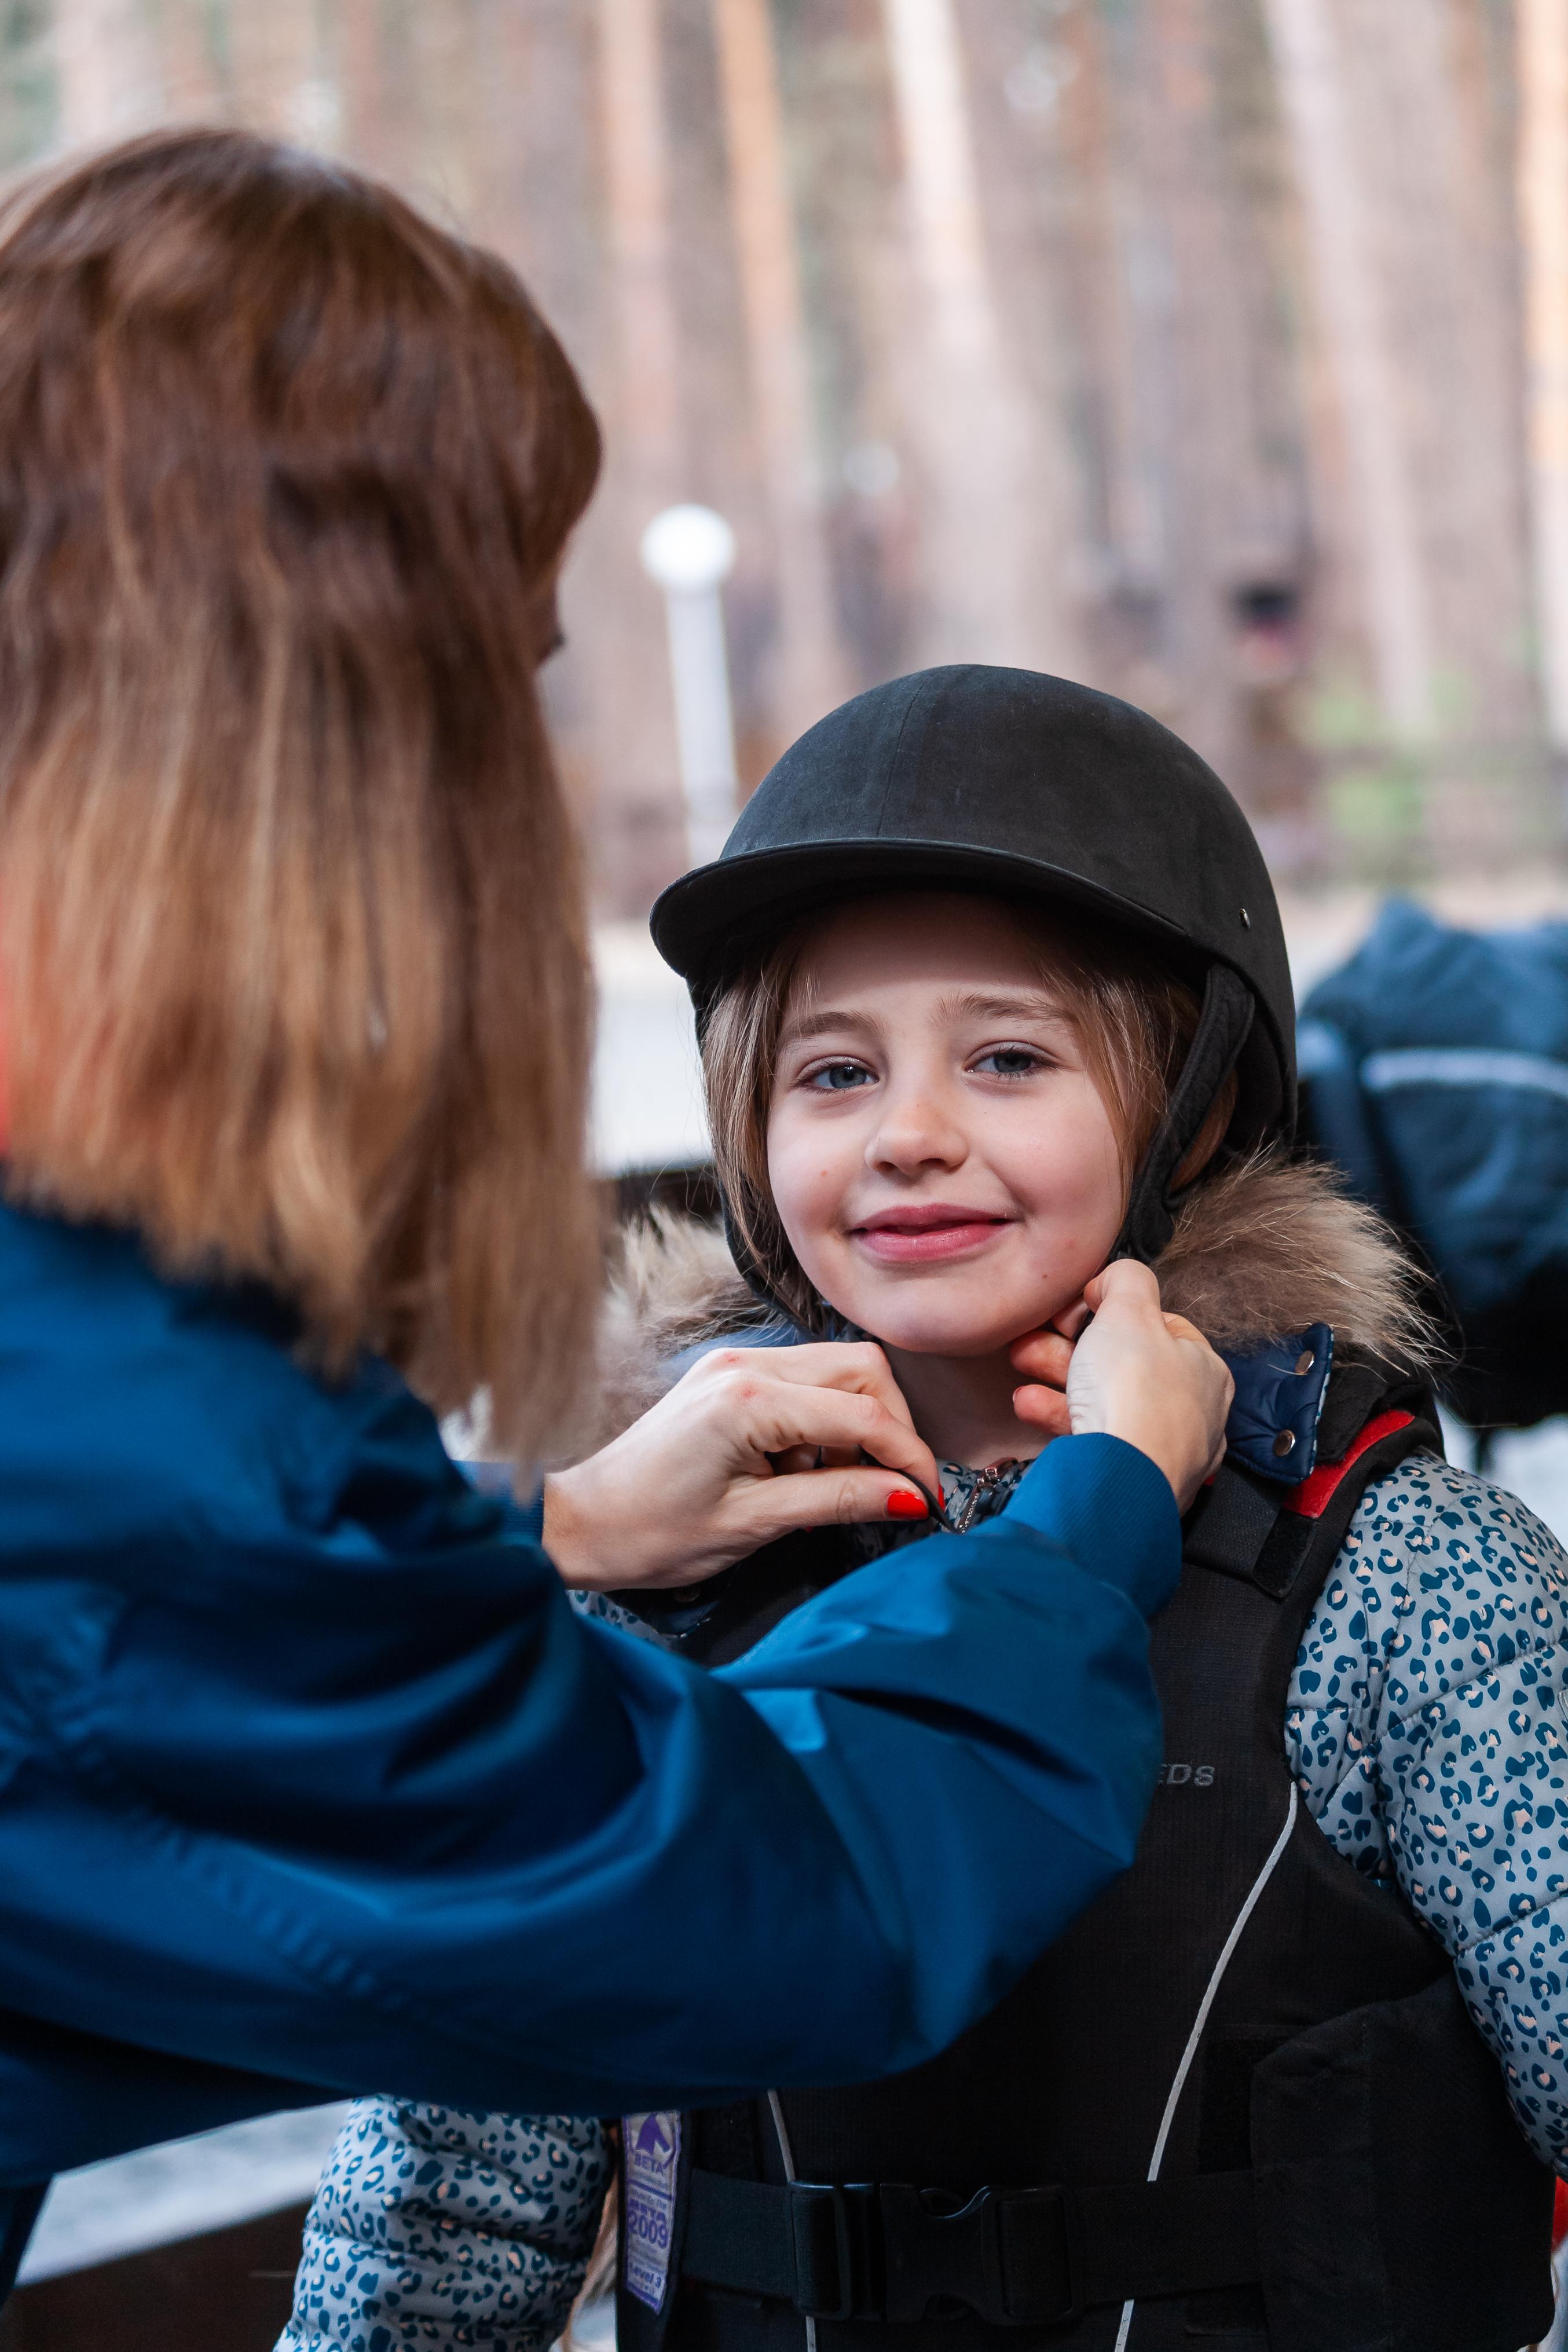 Фото Дитячий портрет в динаміці